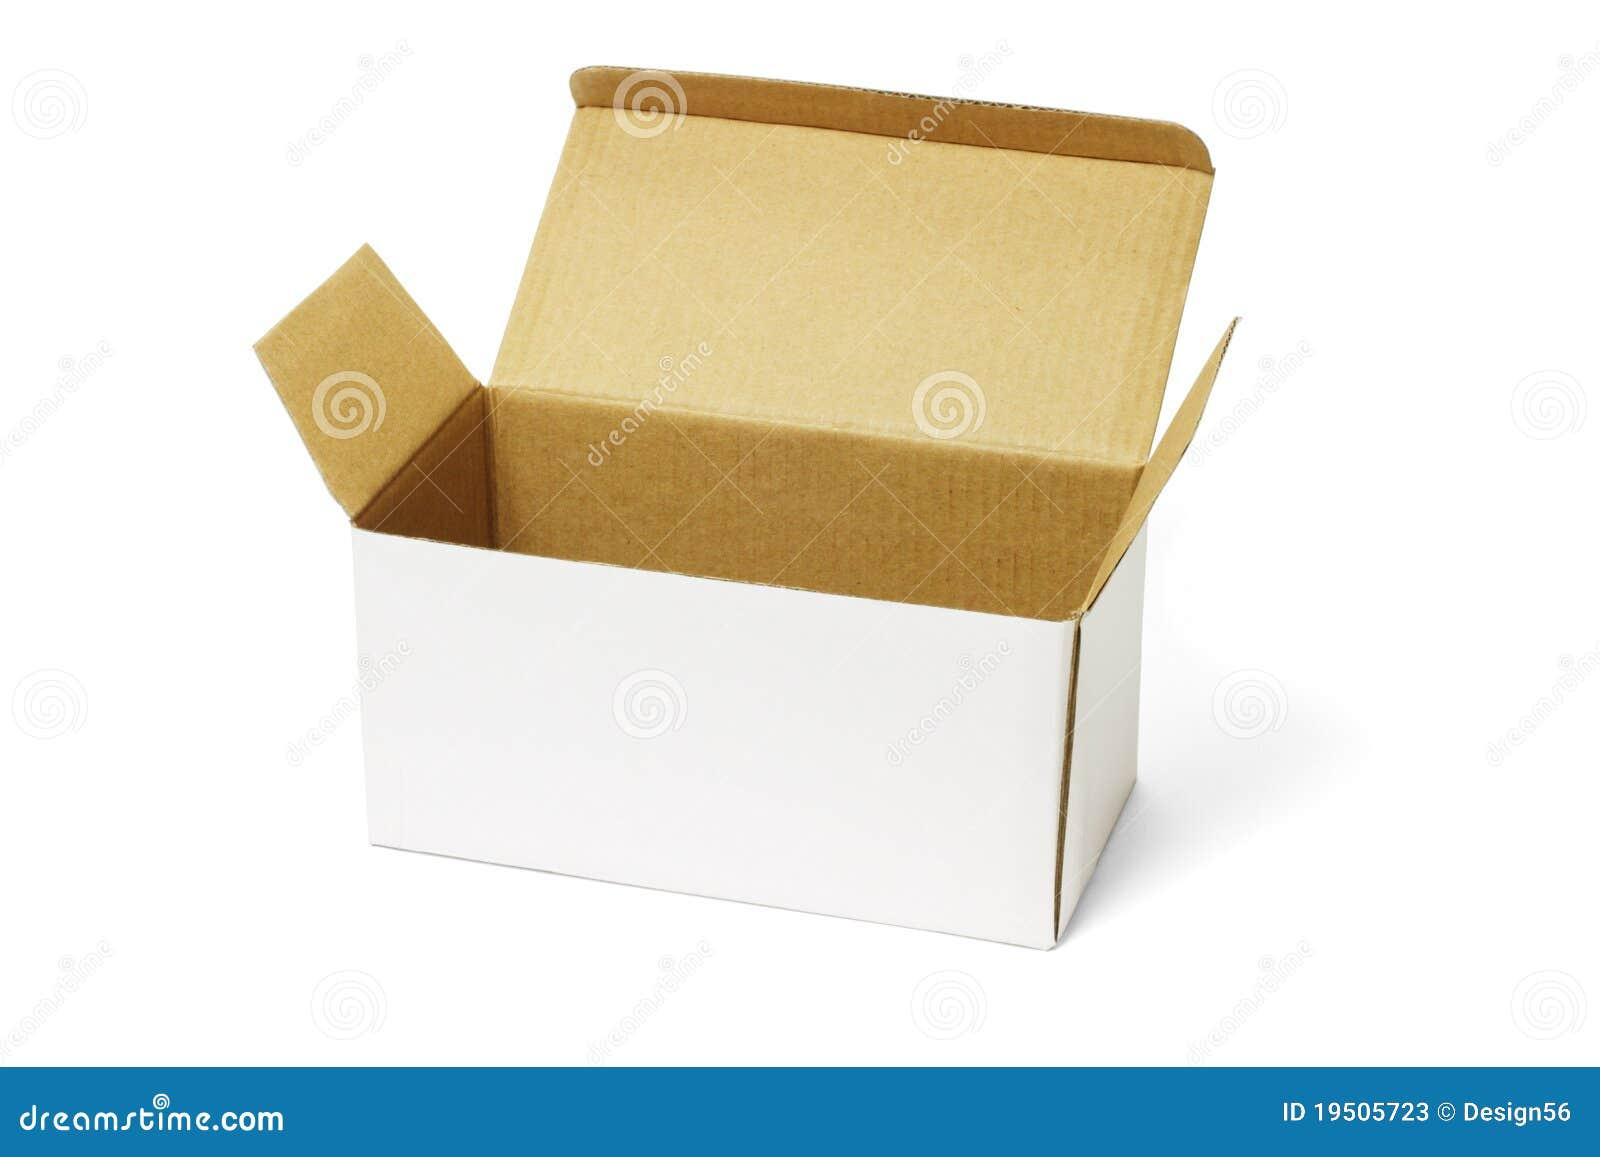 Open White Carton Box Stock Photos - Image: 19505723